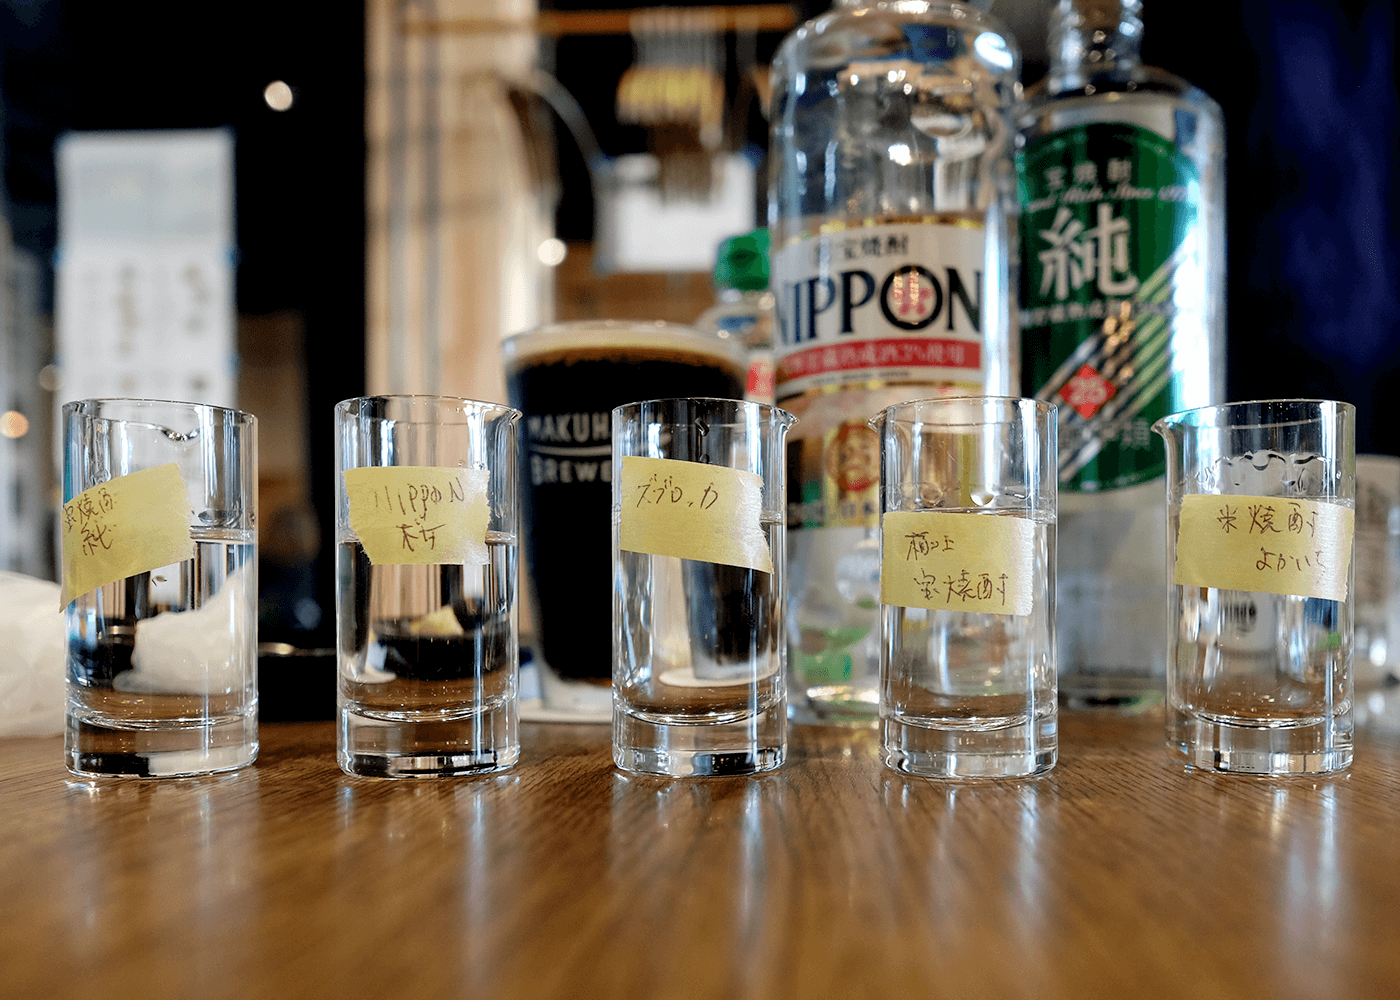 幕張ブルワリー(Makuhari Brewery)